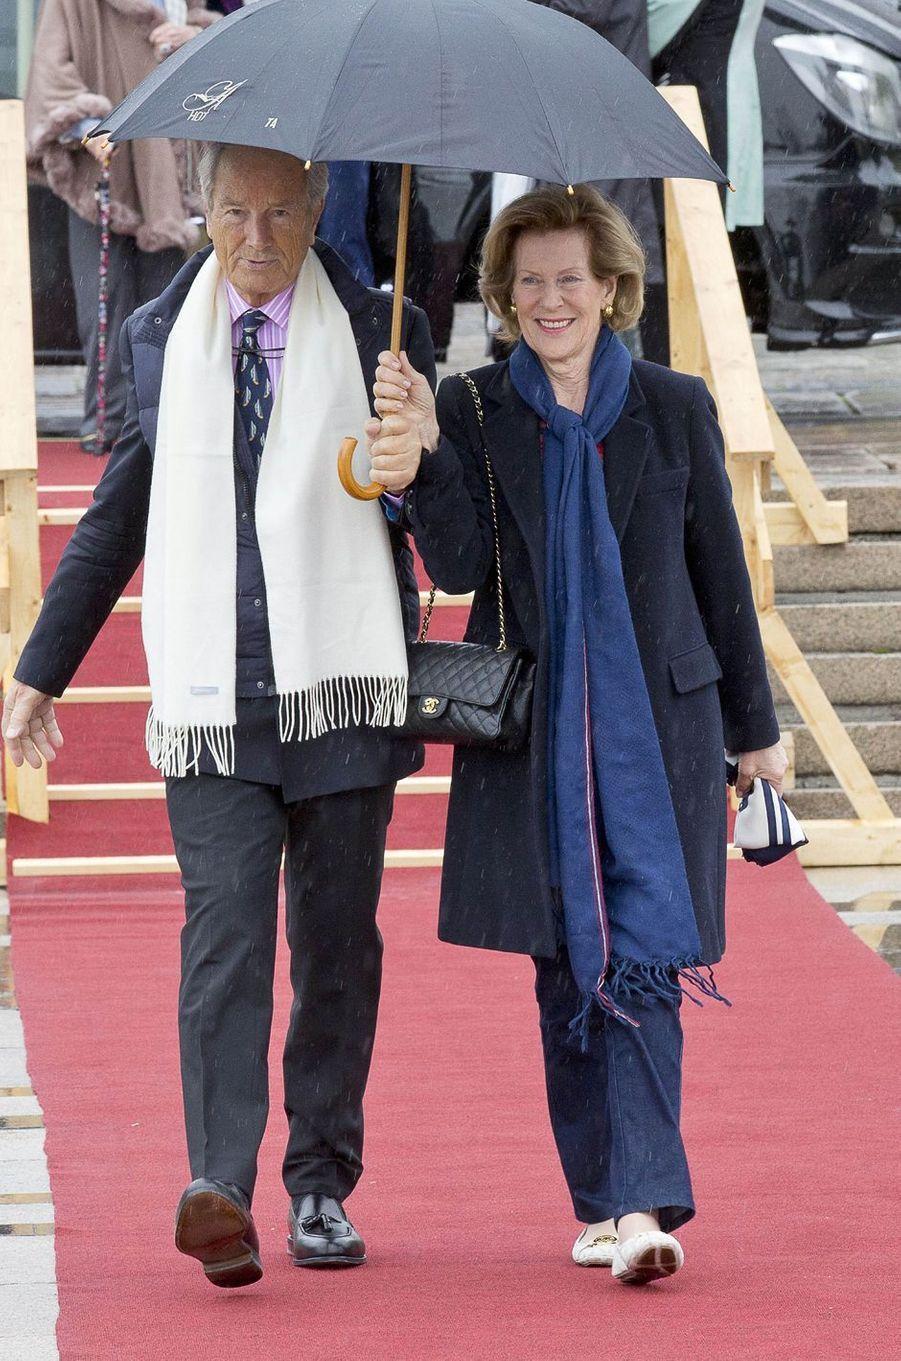 Bernhard Mach et Madeleine Kogevinas, née Bernadotte, à Oslo le 10 mai 2017